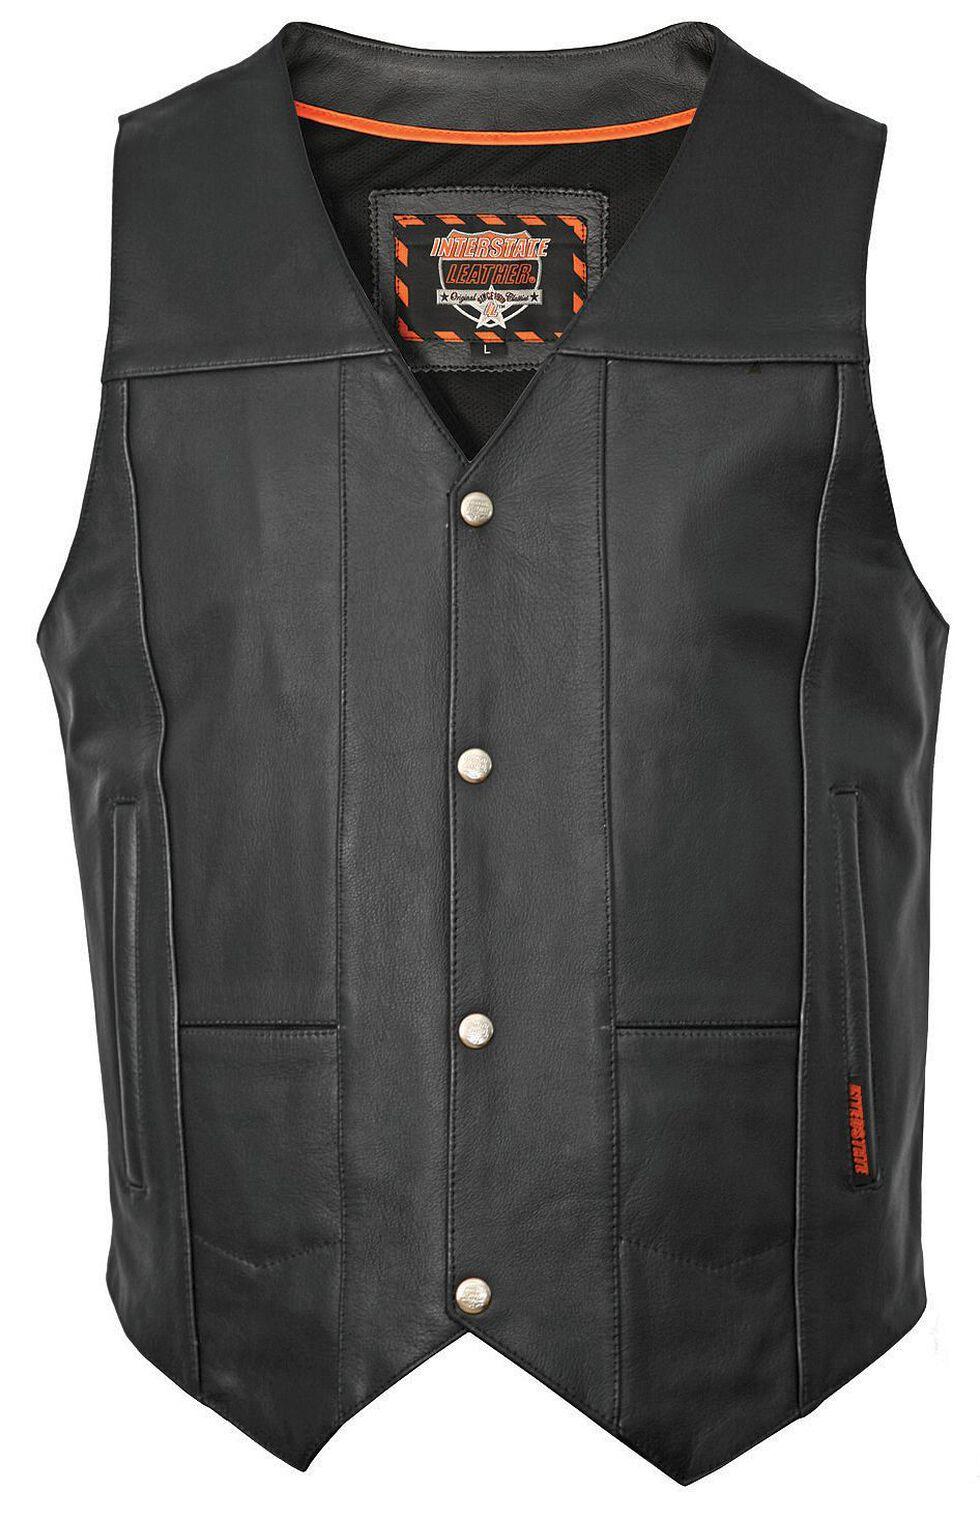 Interstate Leather Multiple Pocket Vest - XL, Black, hi-res